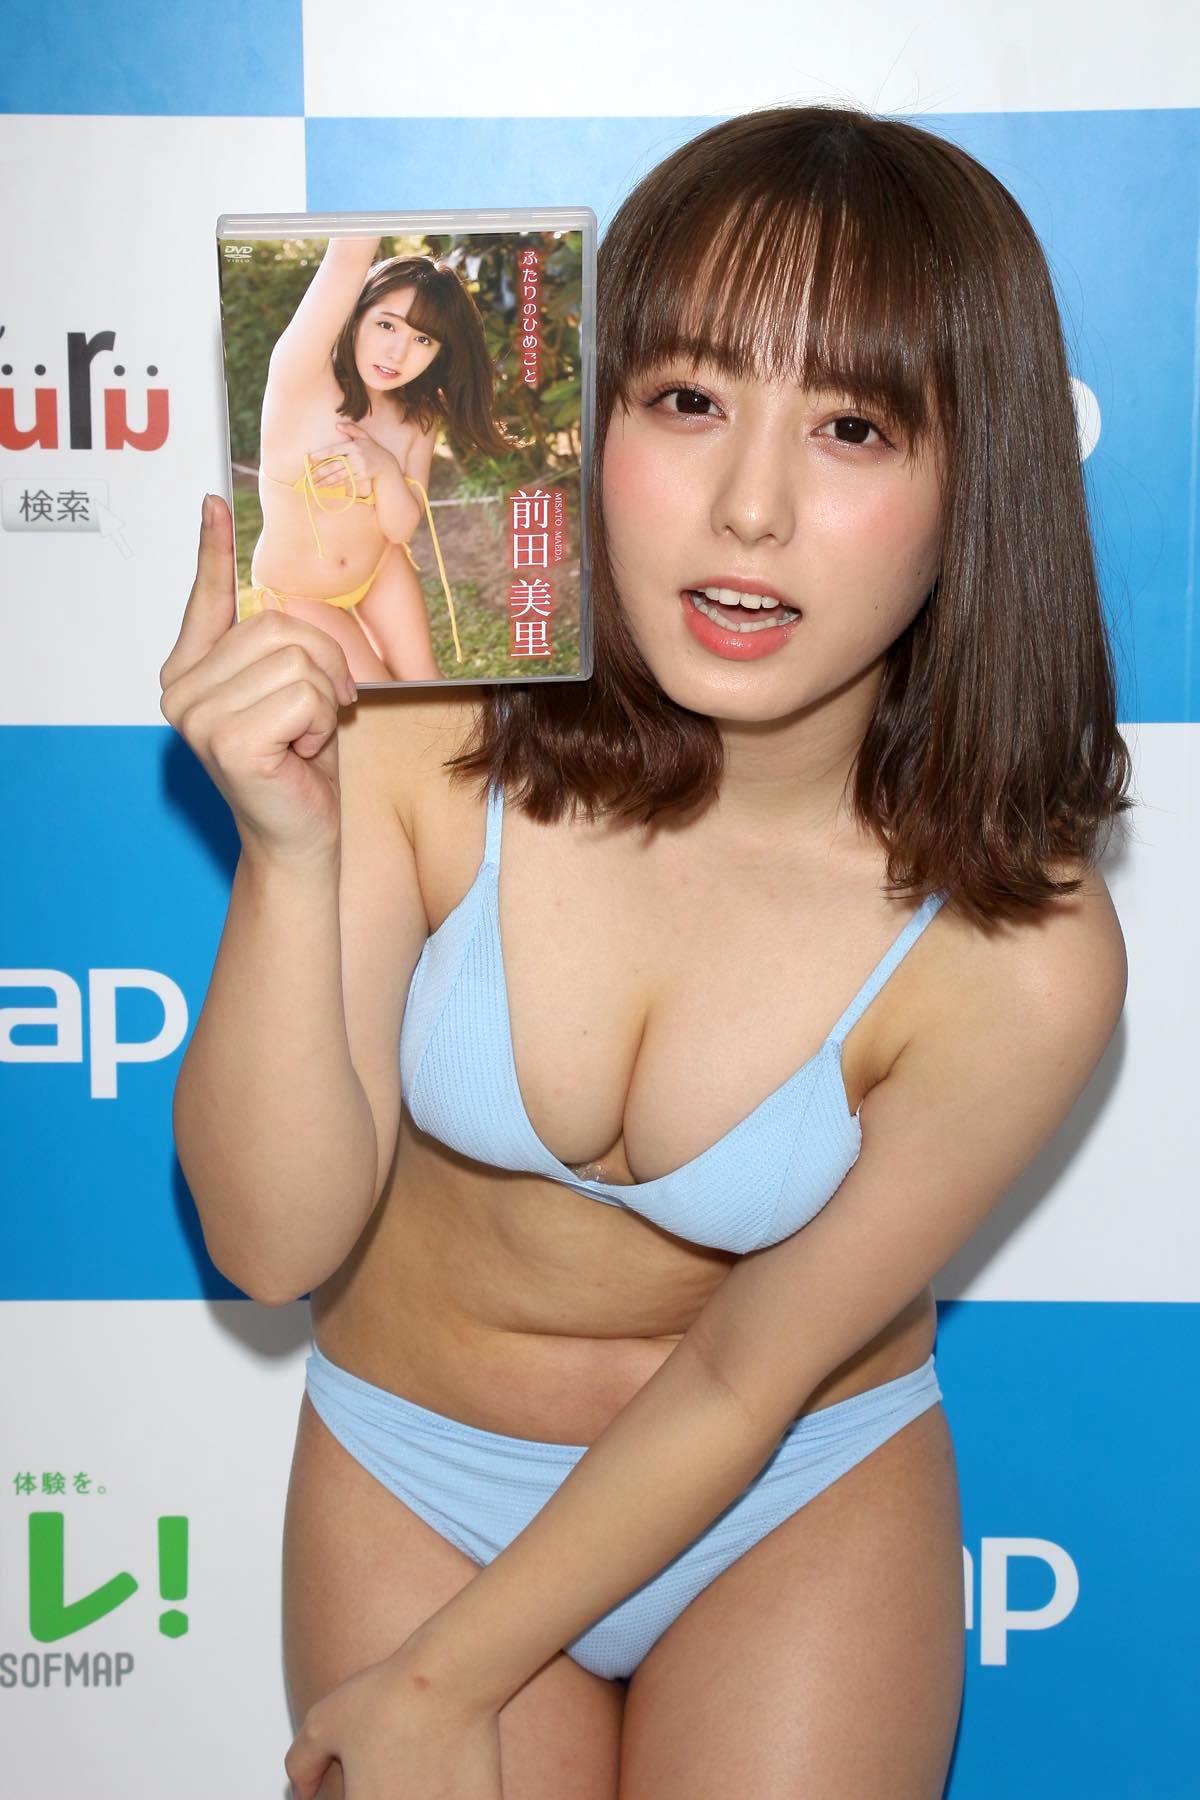 前田美里「胸元ガッツリ開いた競泳水着」に挑戦して、緊張!【写真44枚】の画像040